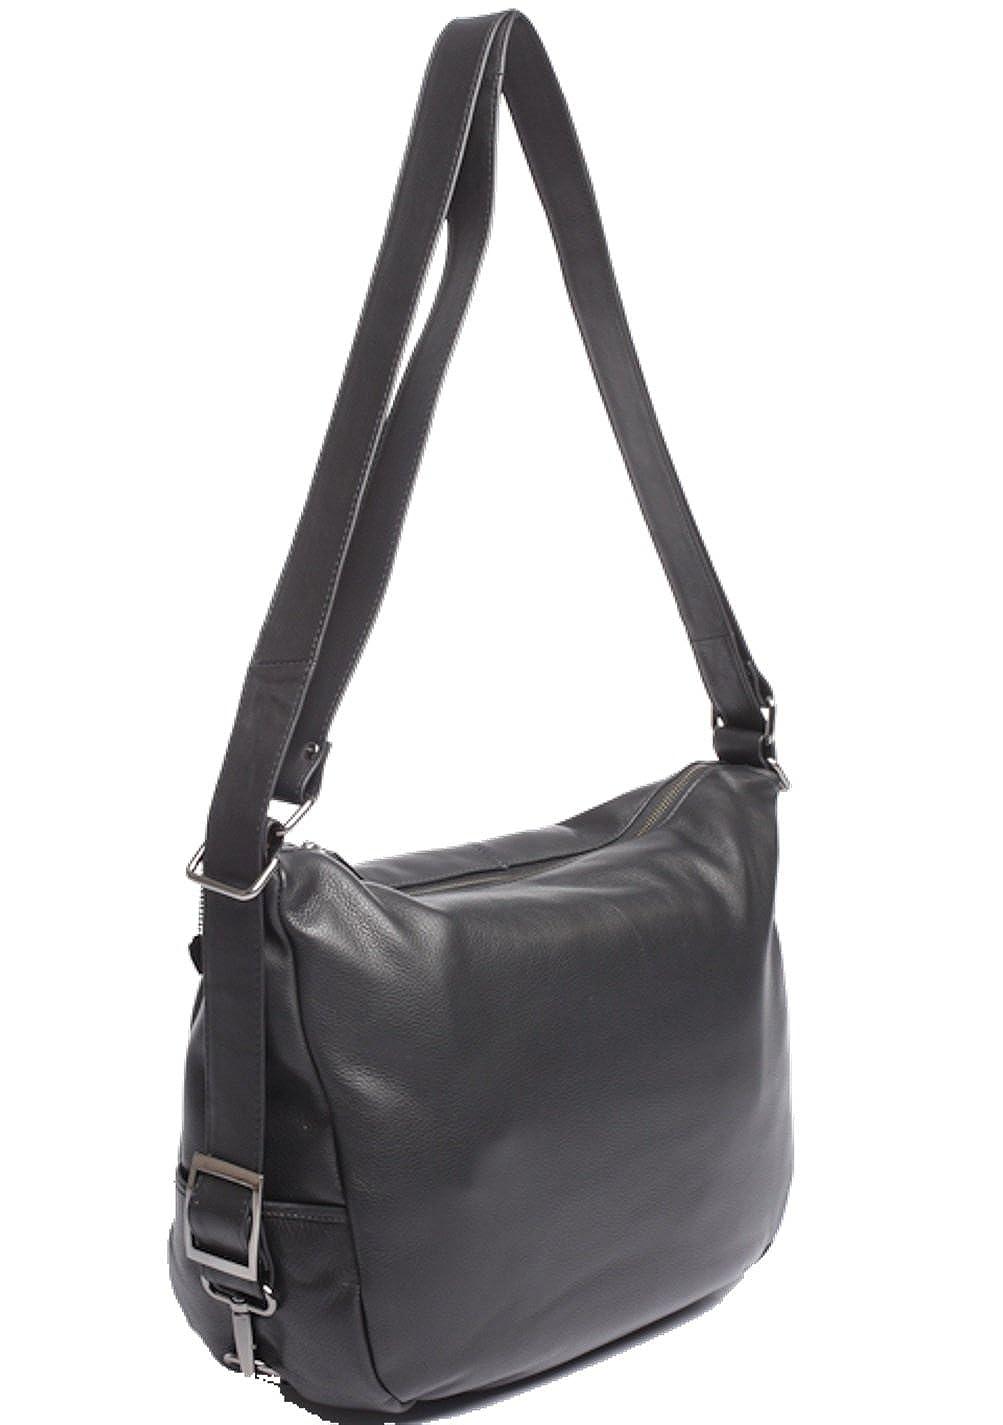 ccc730e77f5b1 Josephine Osthoff Handtaschen-Manufaktur JOSYBAG LEDER Rucksack-Shopper  VANCOUVER - espresso - Tasche Sack Beutel für jeden Tag ideal auf Reisen  dunkel ...